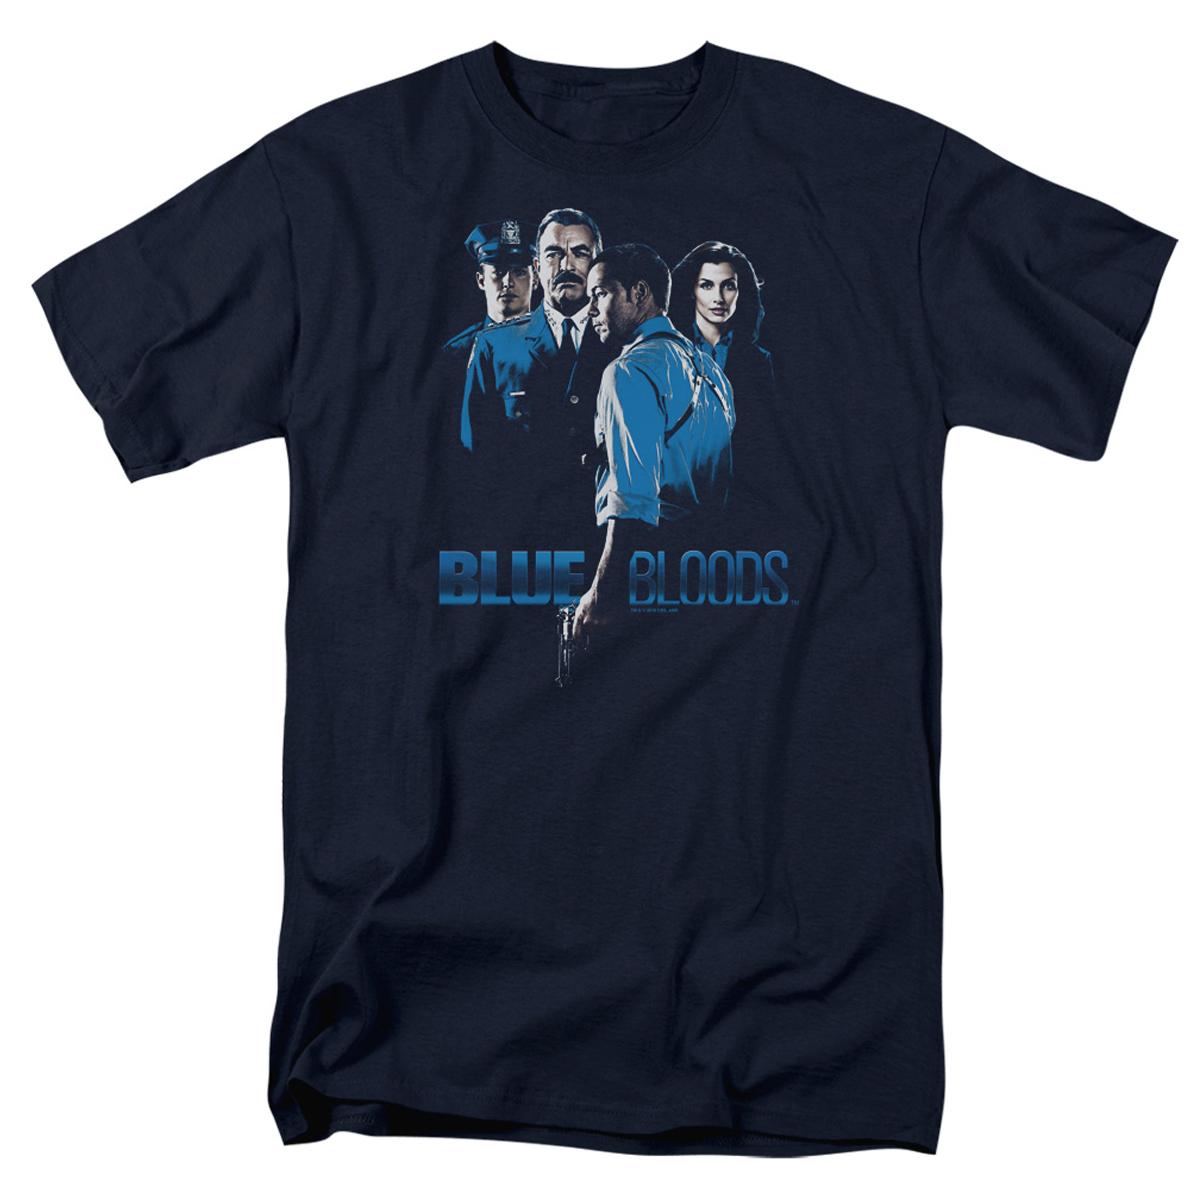 Blue Bloods Cast T-Shirt (Navy)